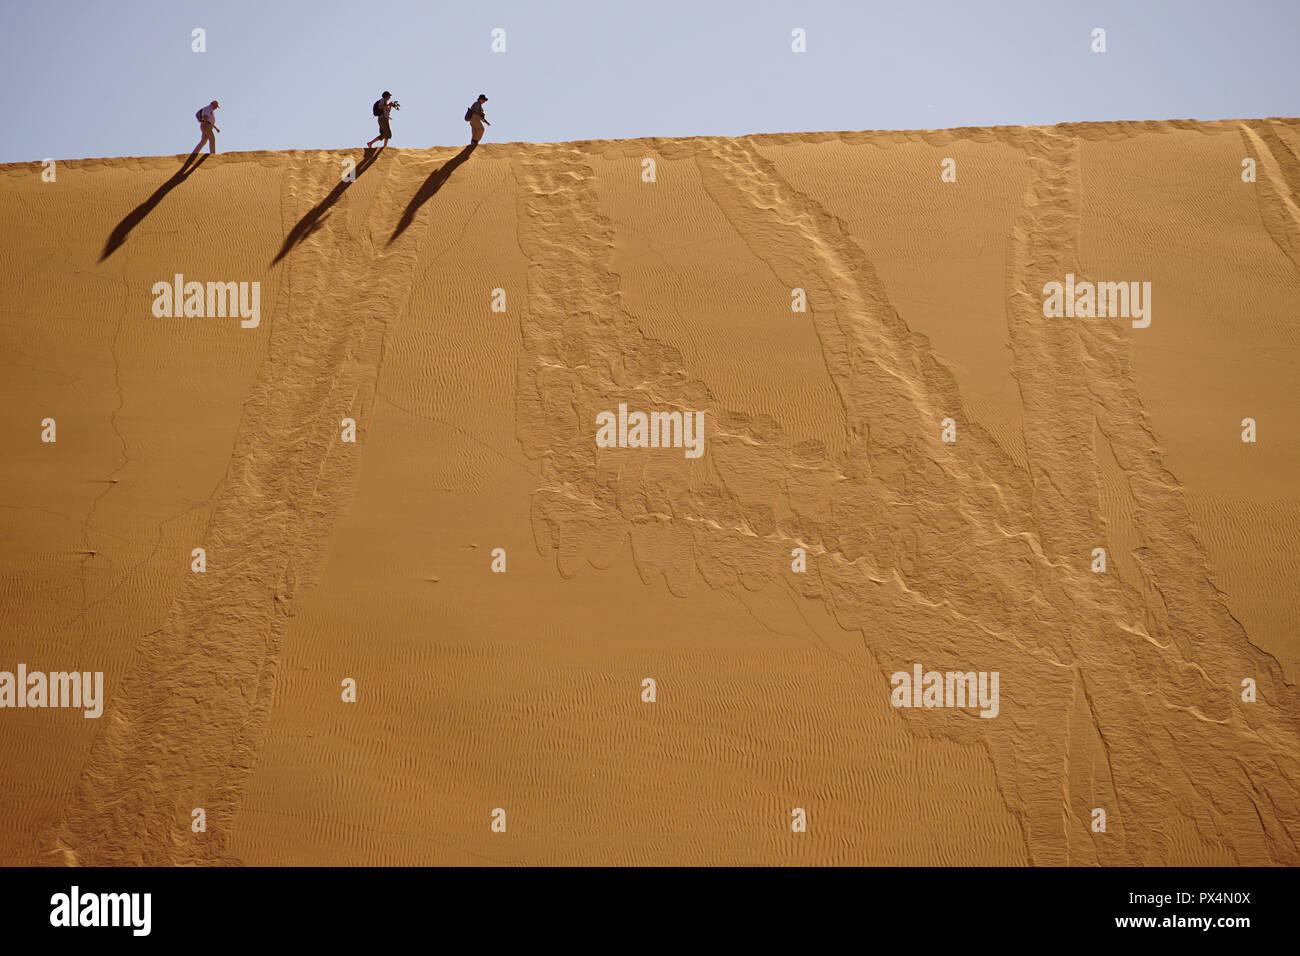 Touristen laufen auf dem Kamm der Düne, Sossusvlei, Namibia, Afrika - Stock Image